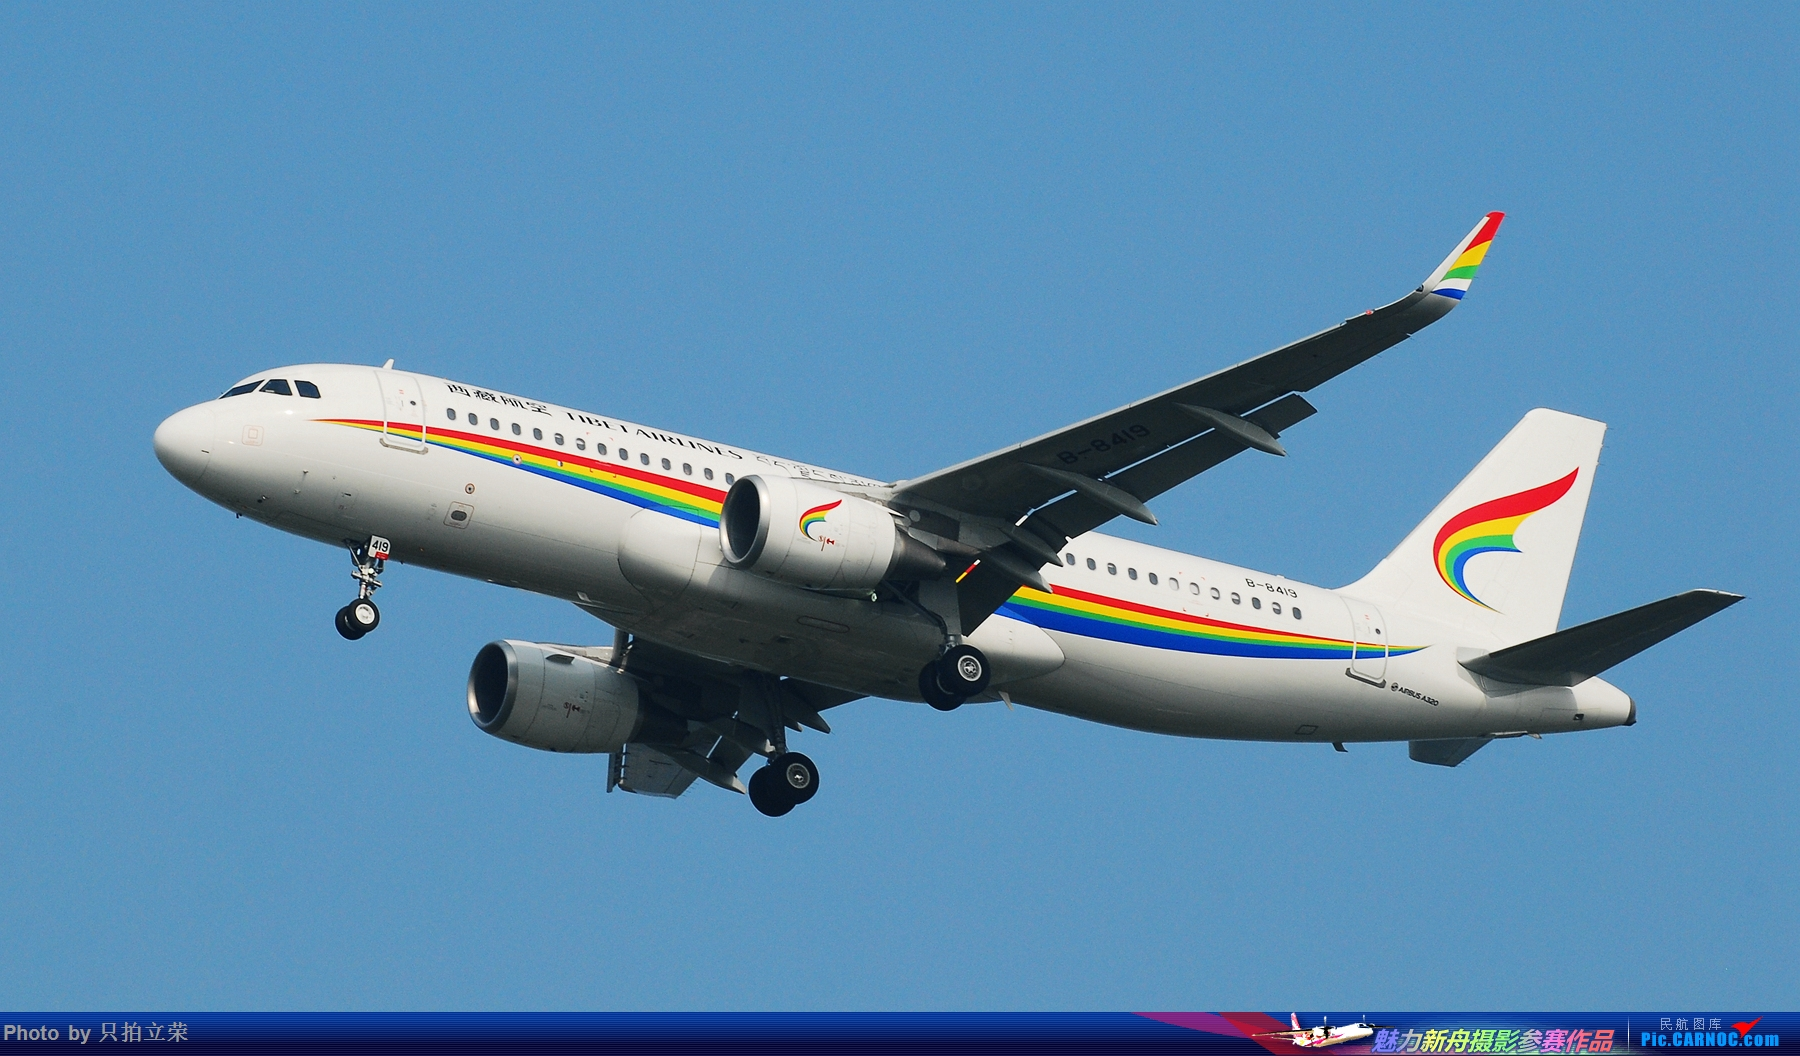 [原创]几个月没拍机,黄花机场走一圈。长沙也有好货啊! AIRBUS A320-200 B-8419 中国长沙黄花国际机场